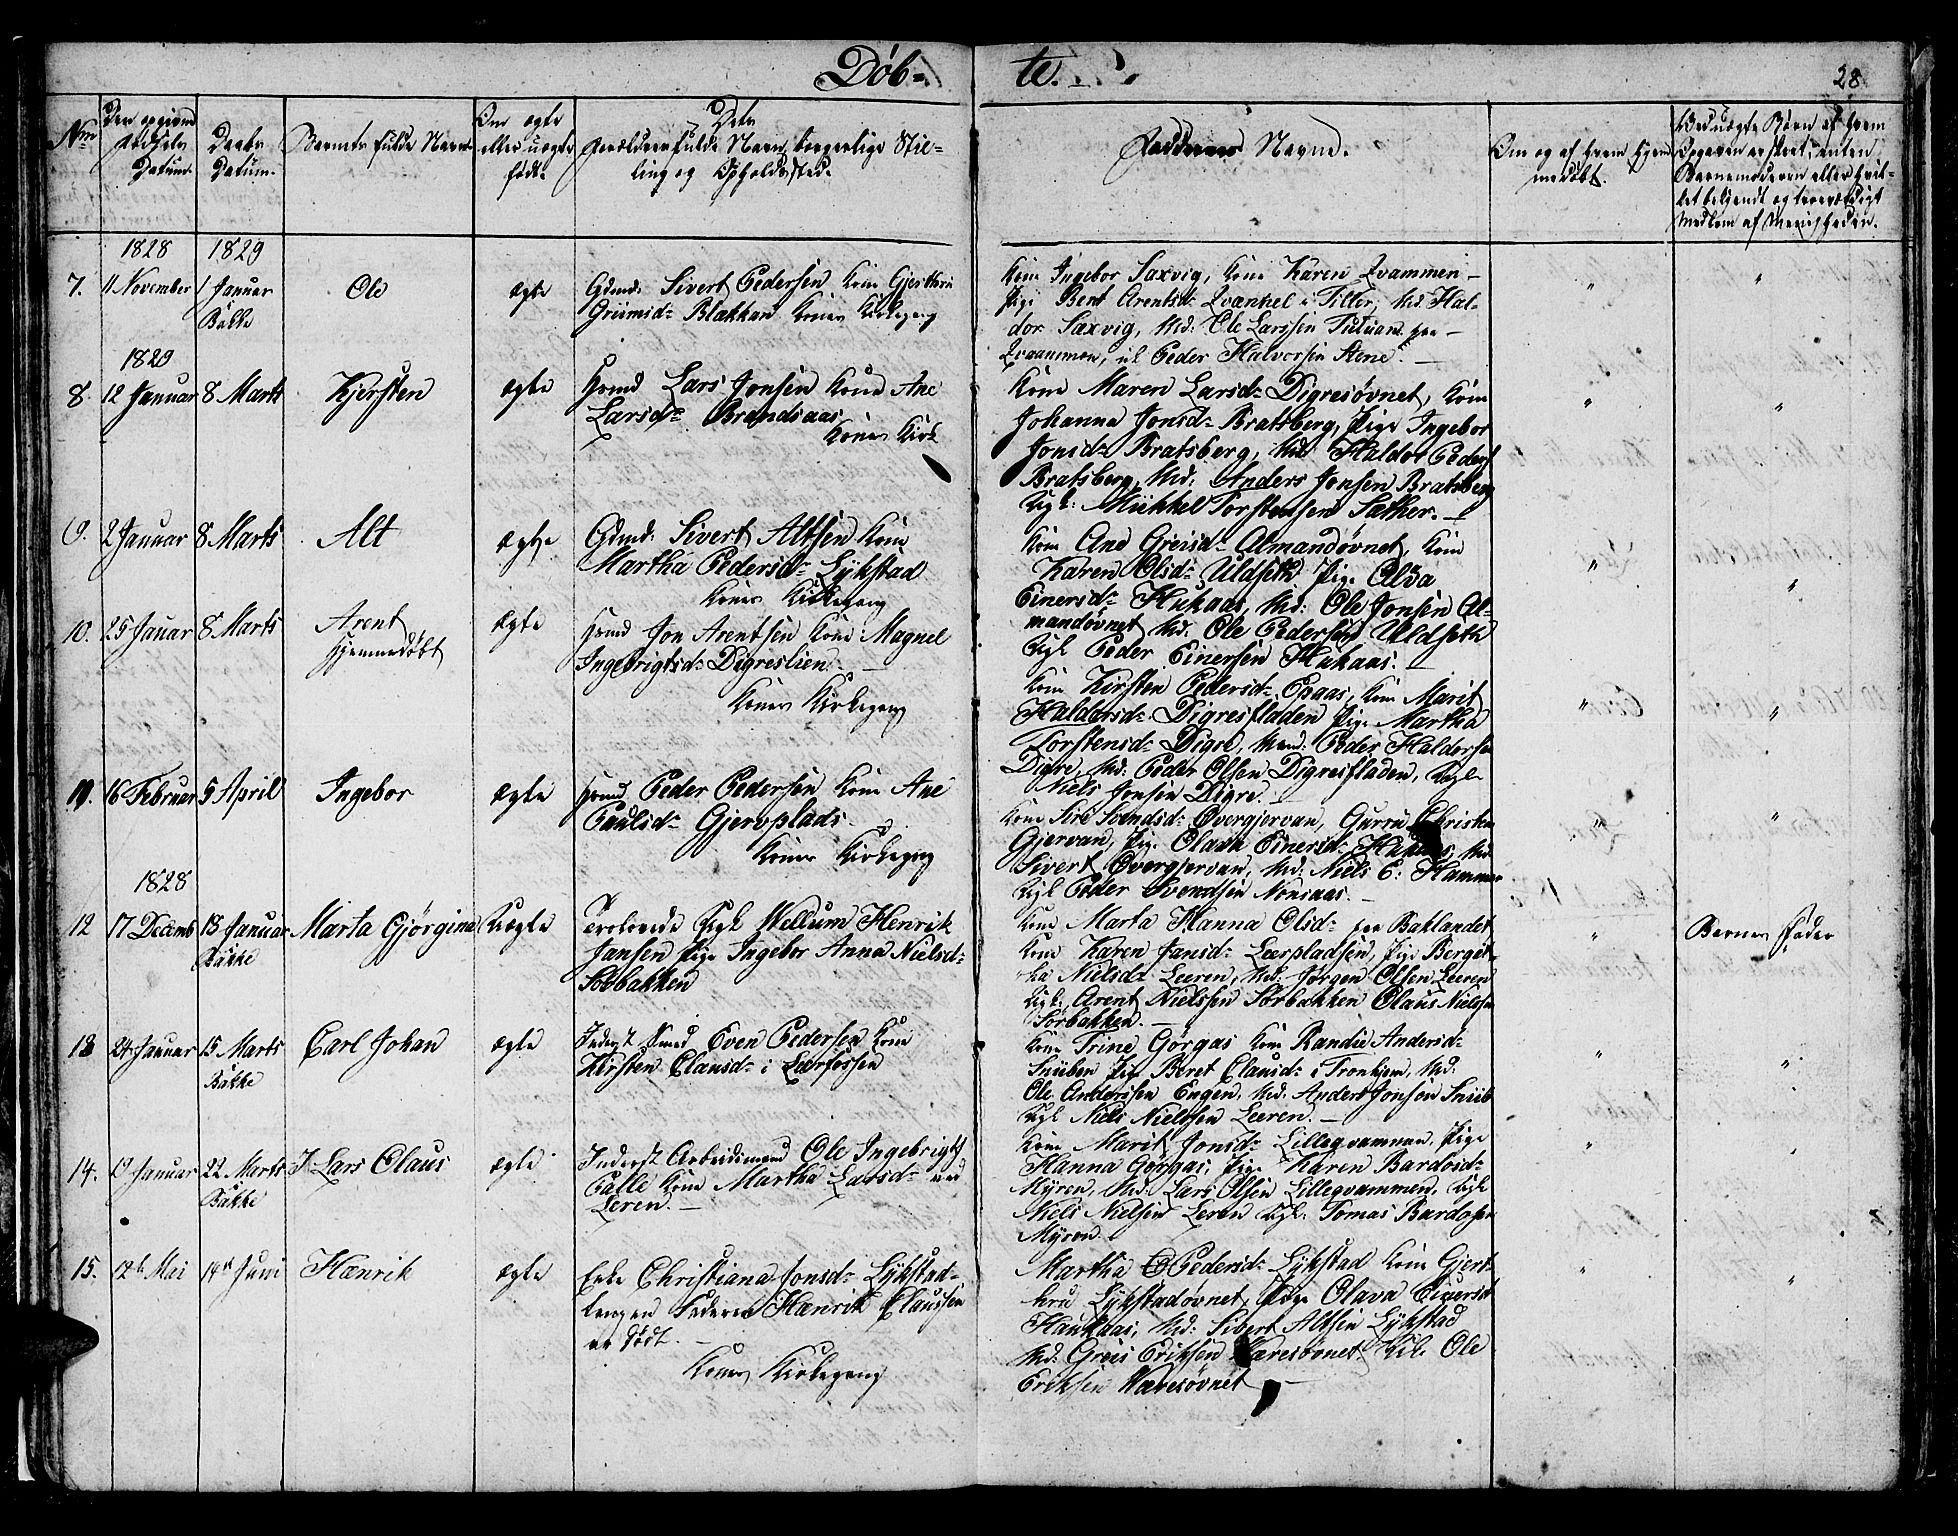 SAT, Ministerialprotokoller, klokkerbøker og fødselsregistre - Sør-Trøndelag, 608/L0337: Klokkerbok nr. 608C03, 1821-1831, s. 28